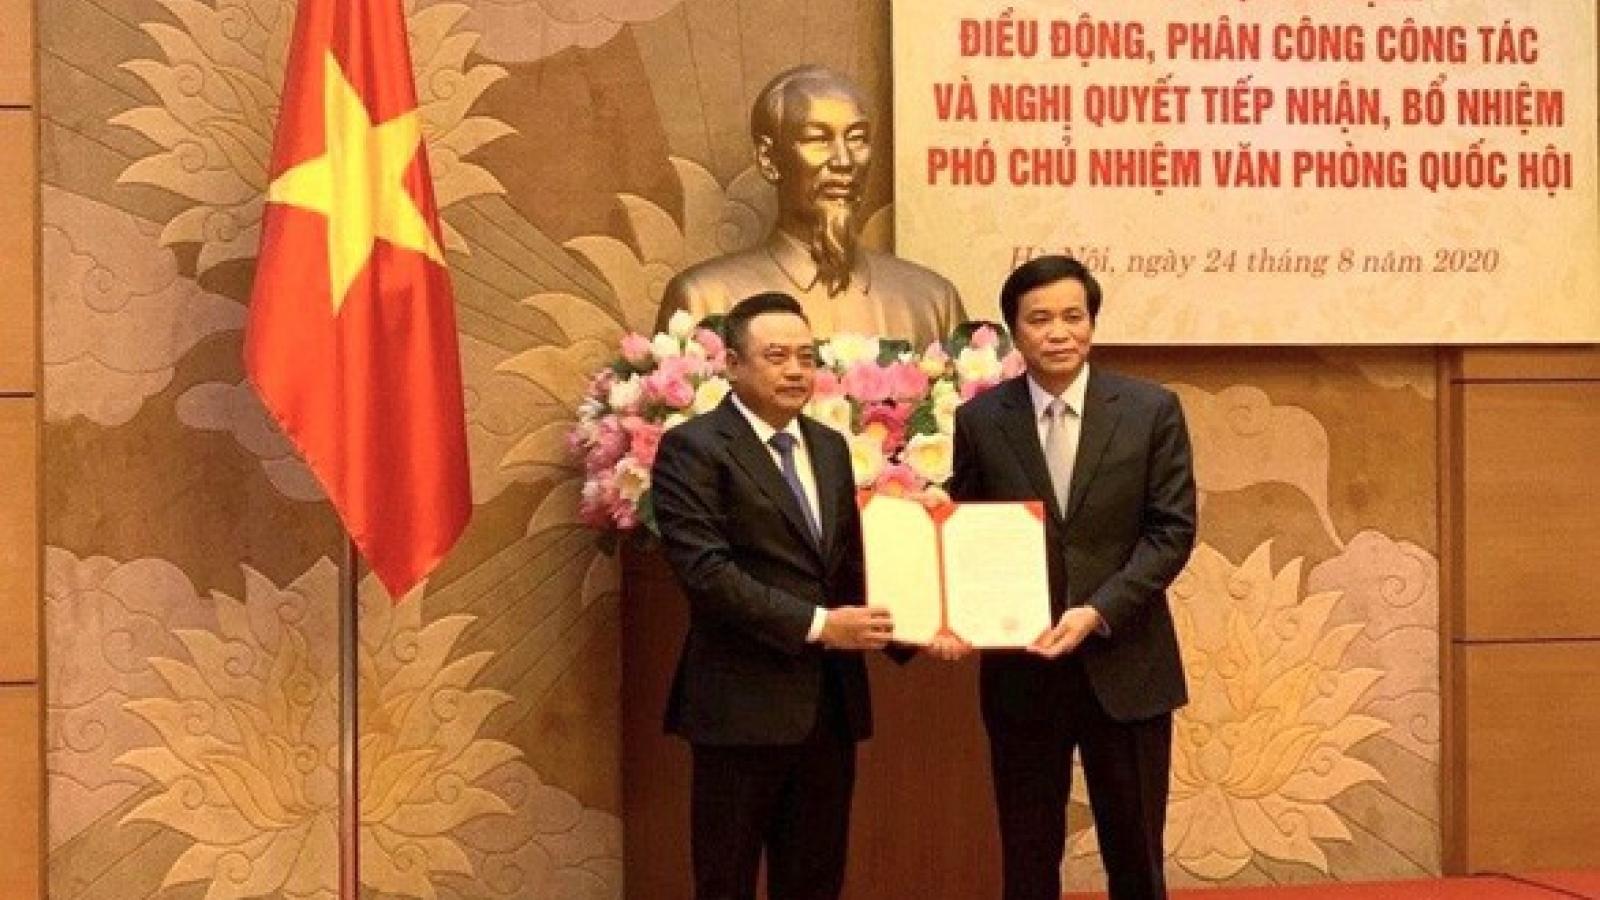 Ông Trần Sỹ Thanh giữ chức Phó Chủ nhiệm Văn phòng Quốc hội